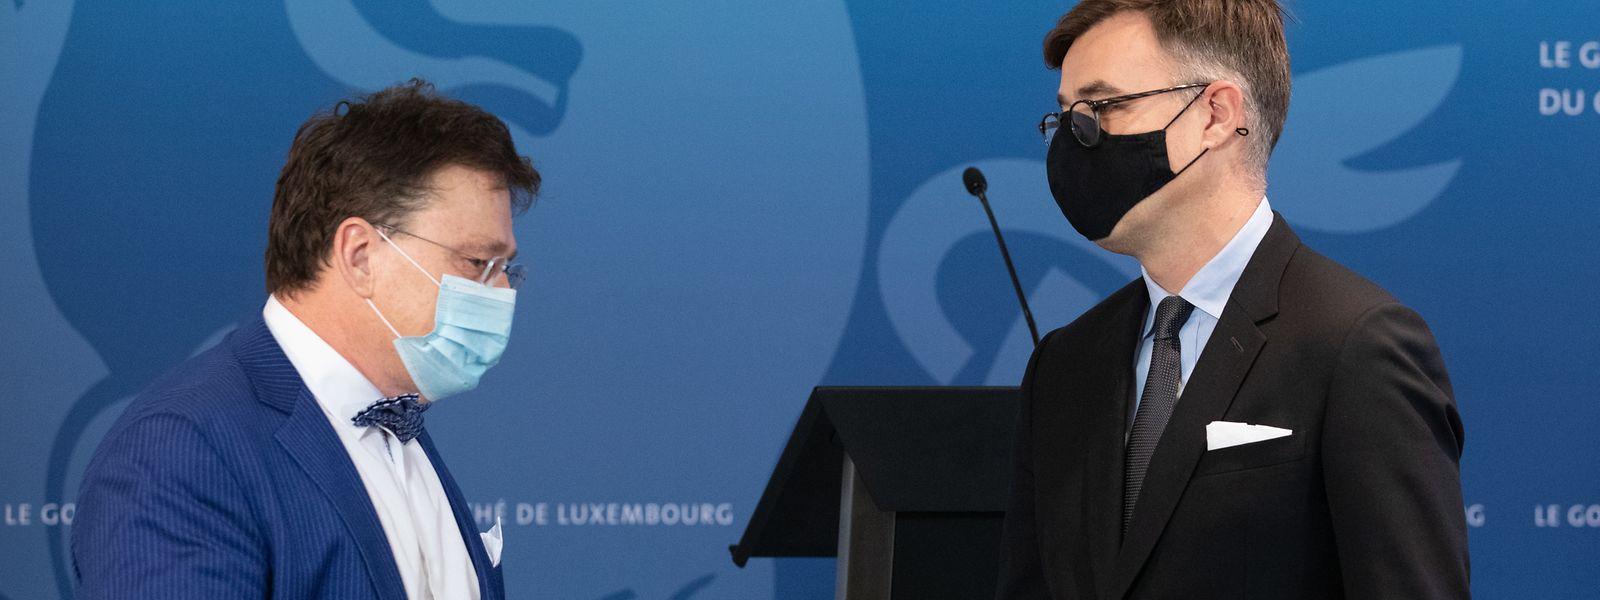 Wirtschaftsminister Franz Fayot (r.) und Serge Allegrezza bei der Vorstellung des Wettbewerbsberichtes 2020.